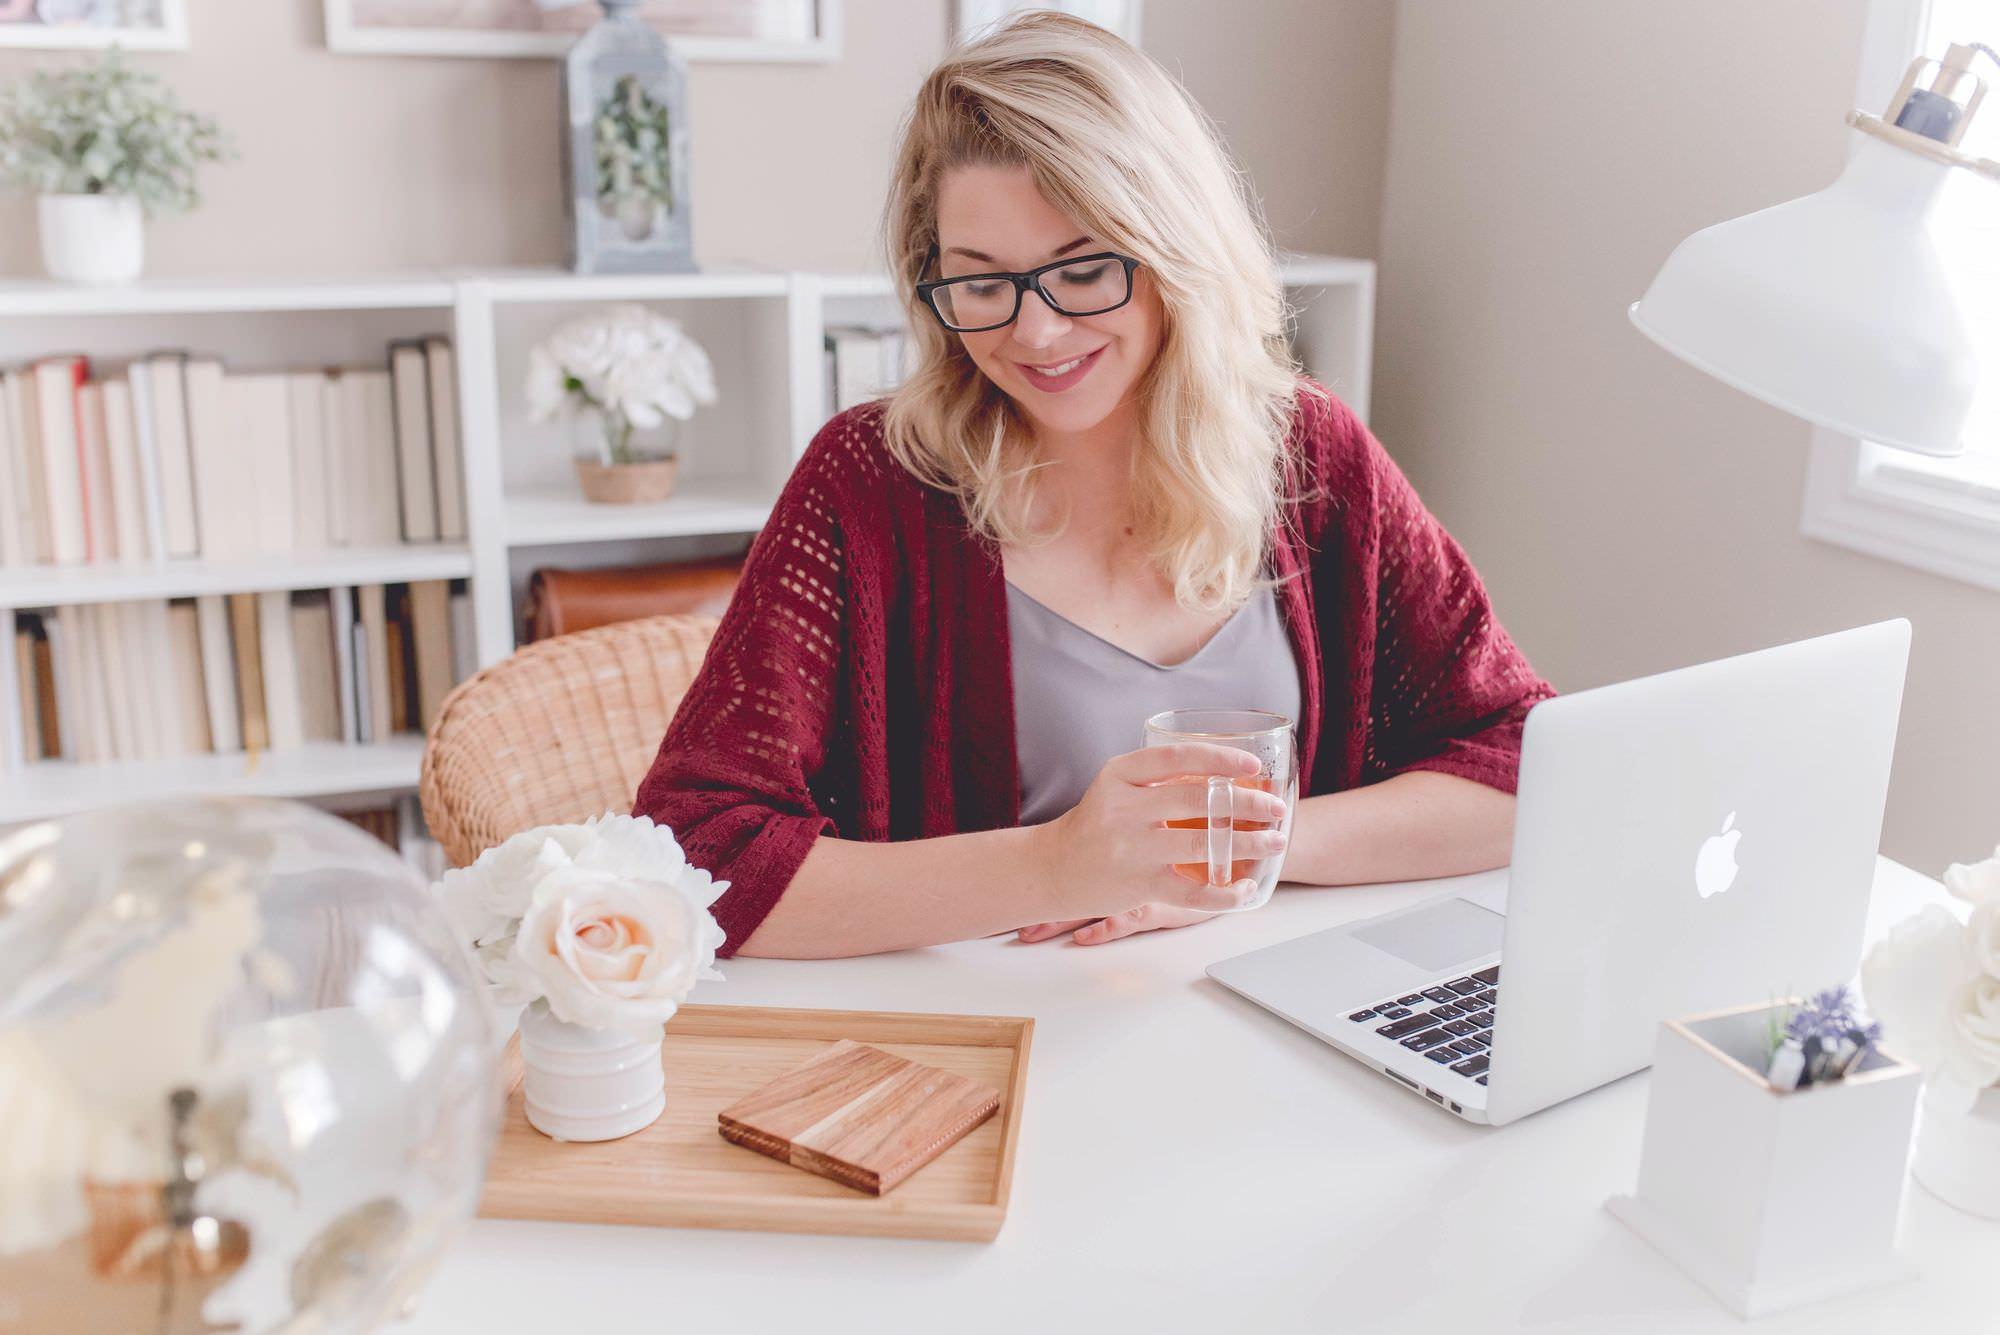 Femme tenant une tasse de thé devant un ordinateur portable dans un bureau à domicile.